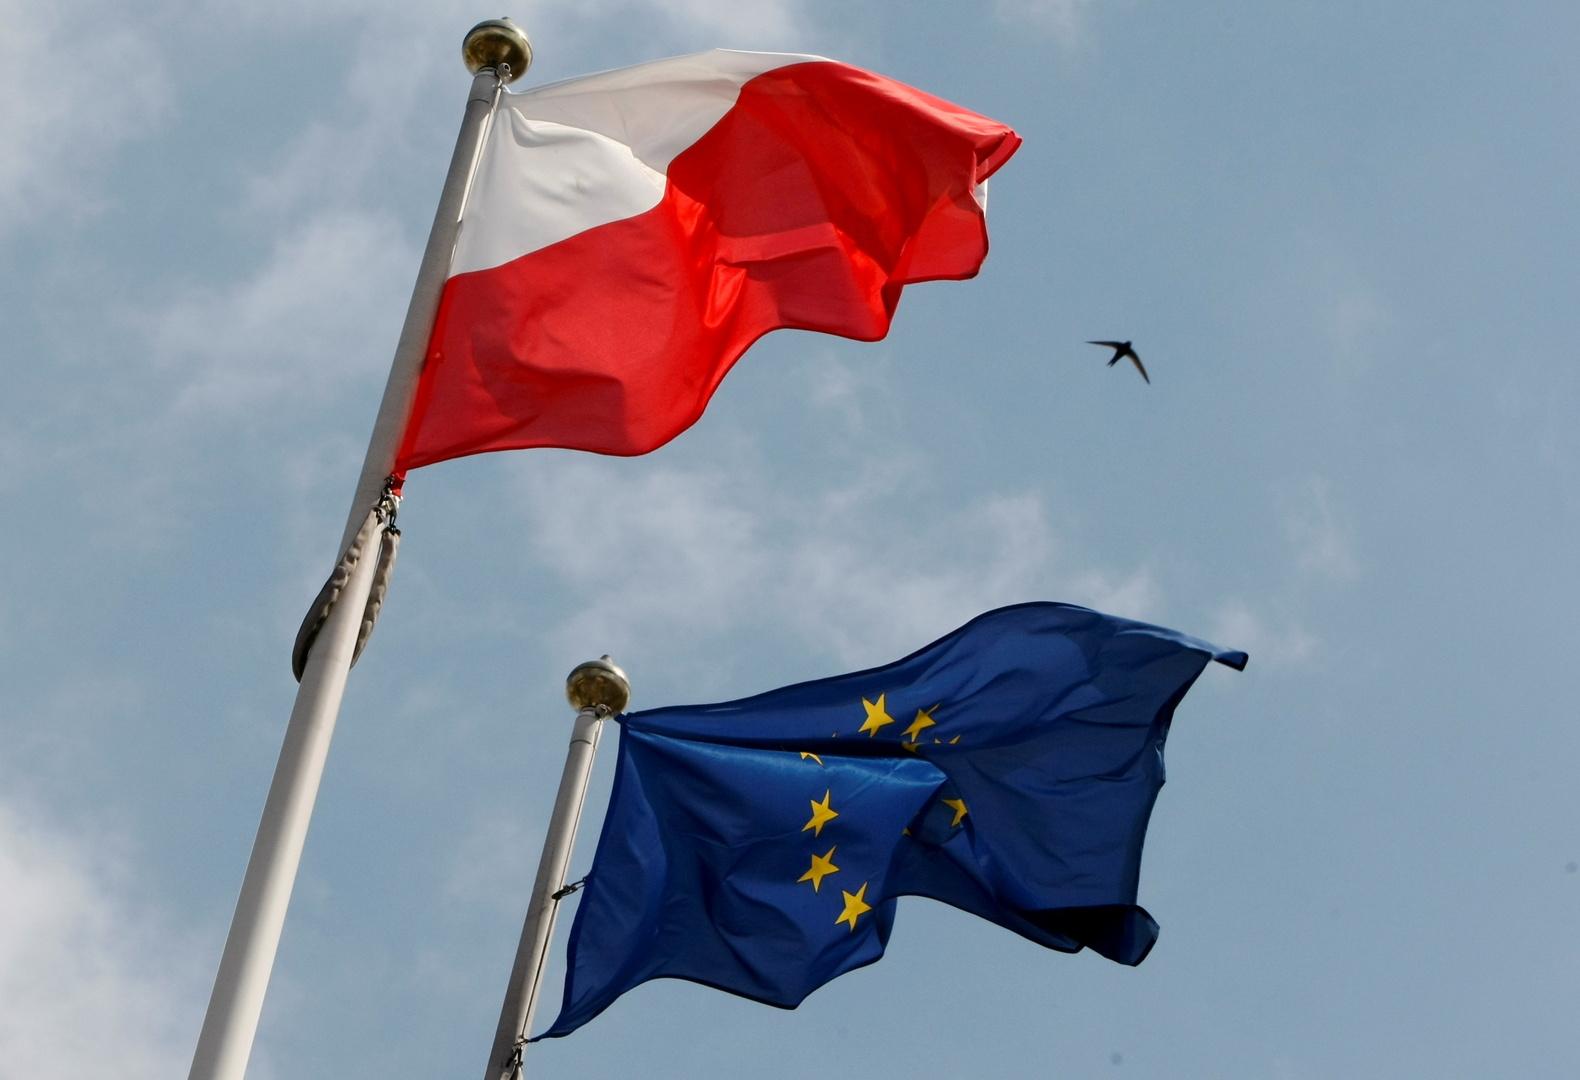 معهد بولندي يقترح فرض عقوبات جديدة على روسيا